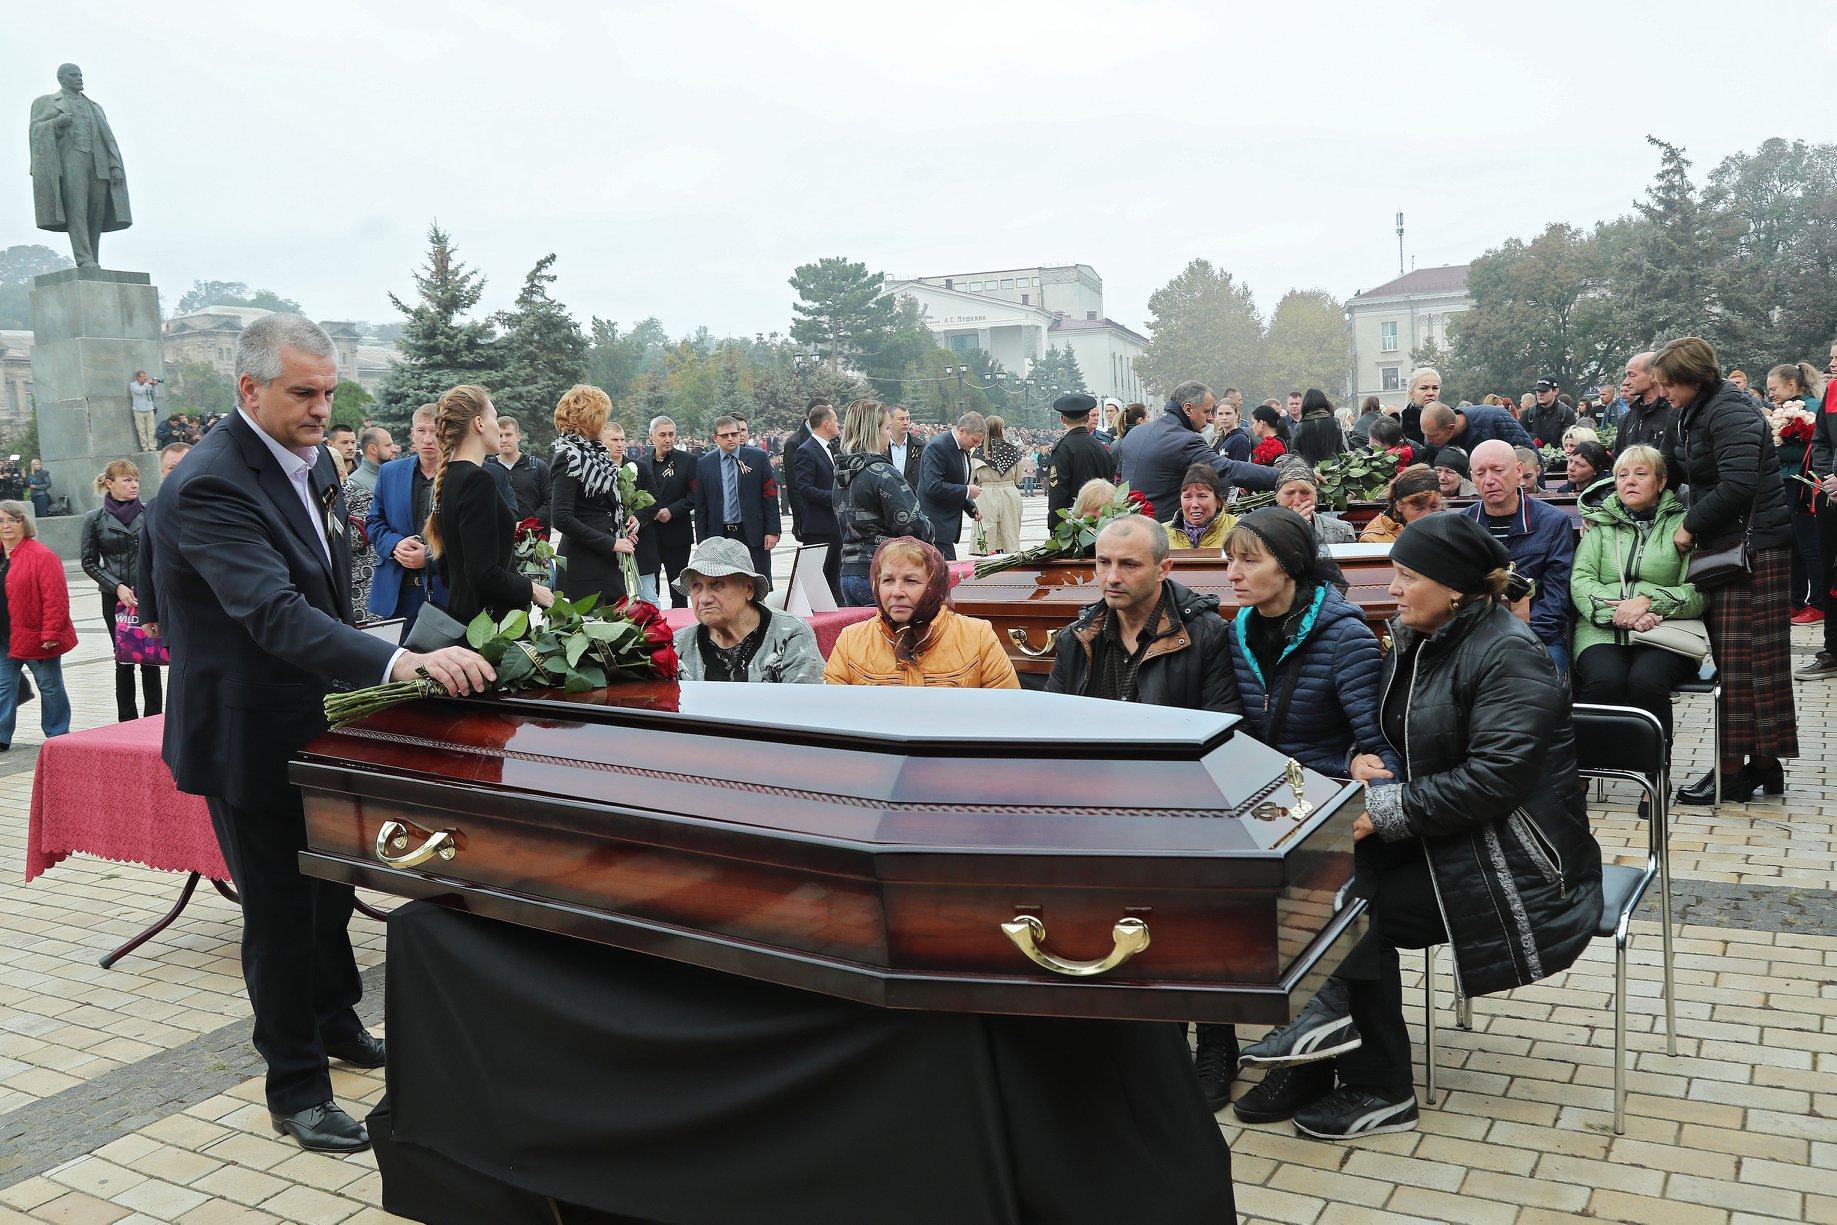 Сергей Аксенов: трагедия в Керчи стала общей болью всей страны…